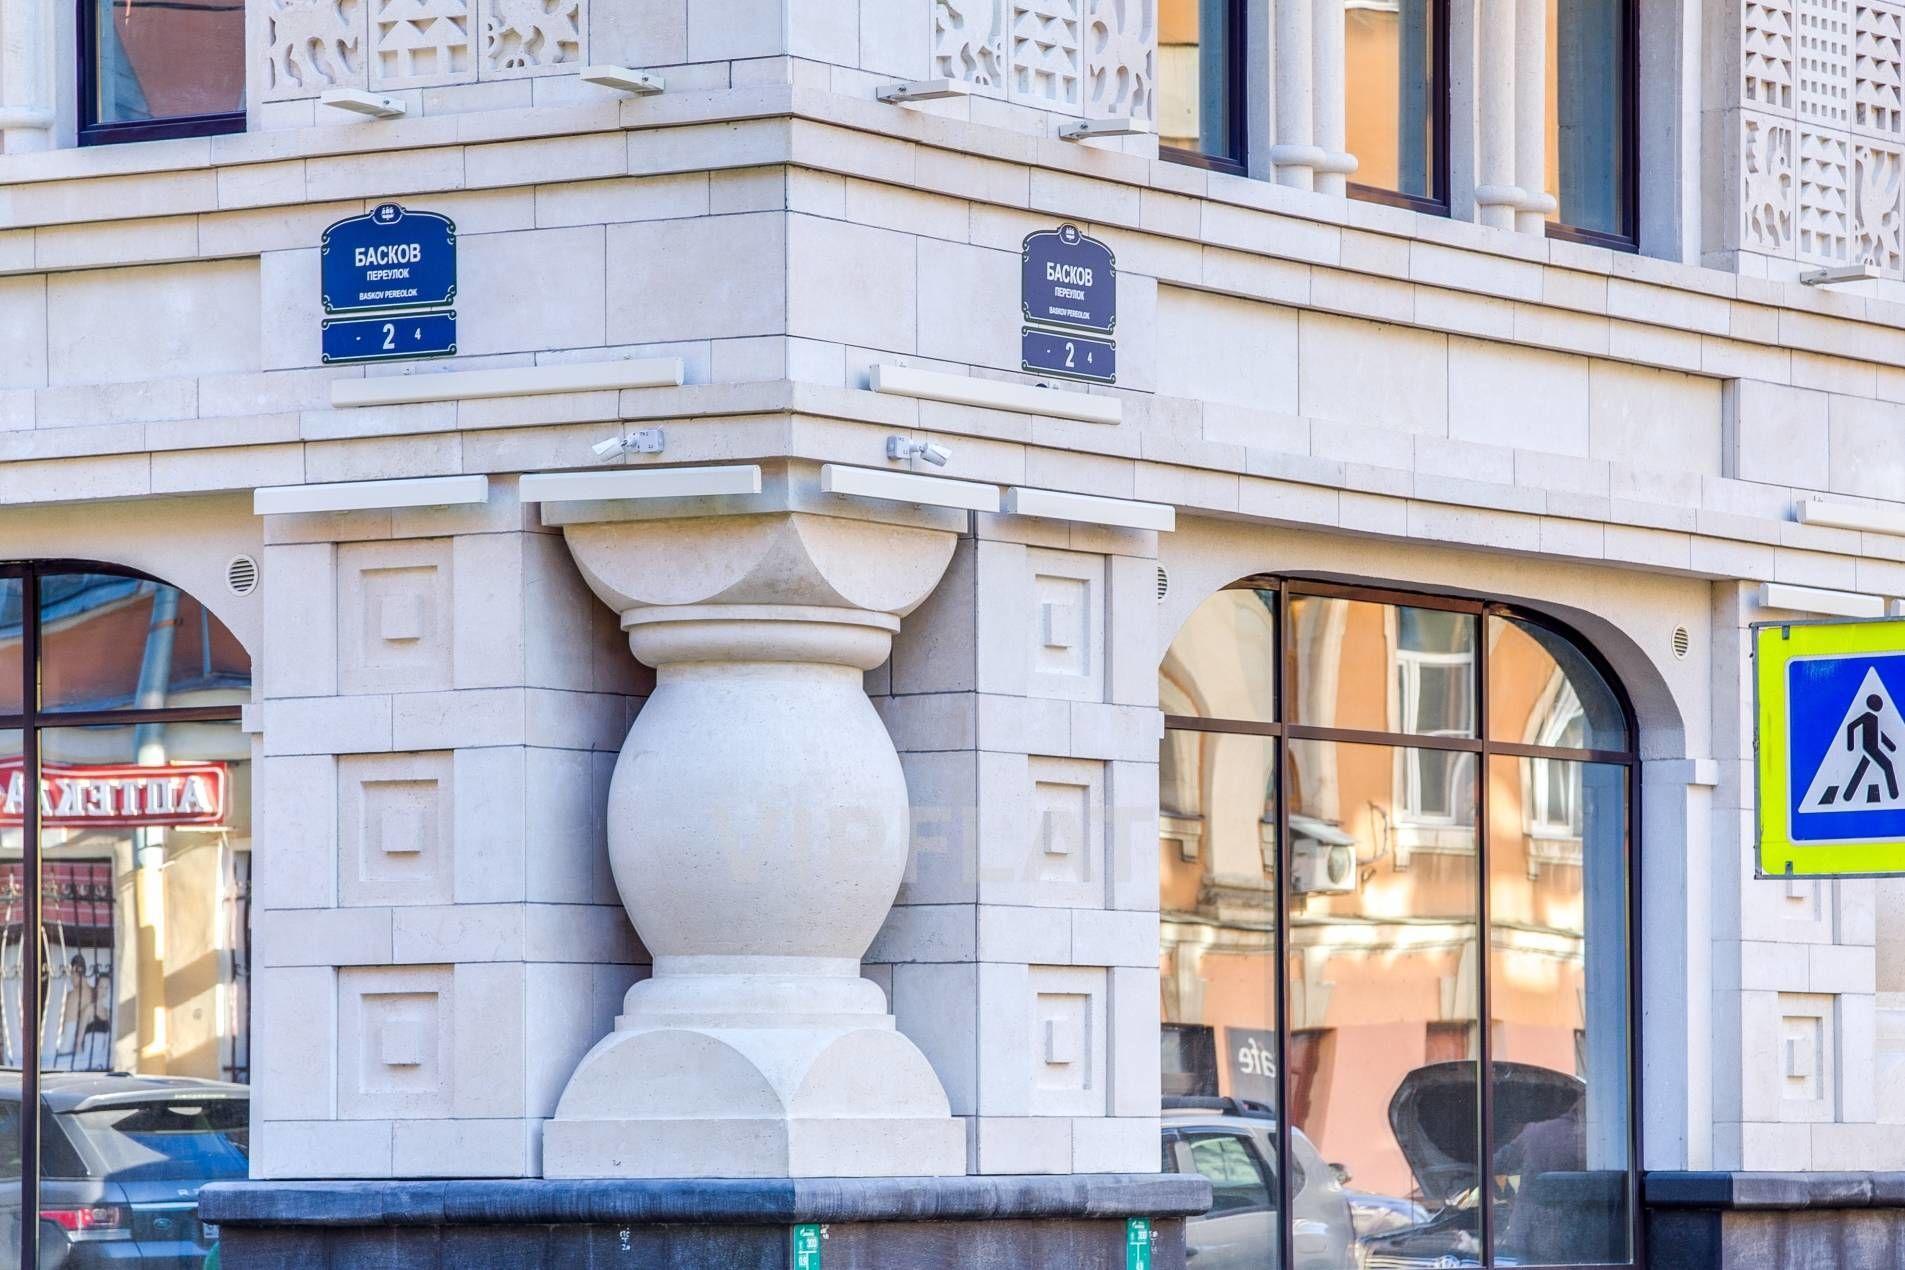 Продажа элитных квартир Санкт-Петербурга. Басков пер., 2 Дом ручной работы